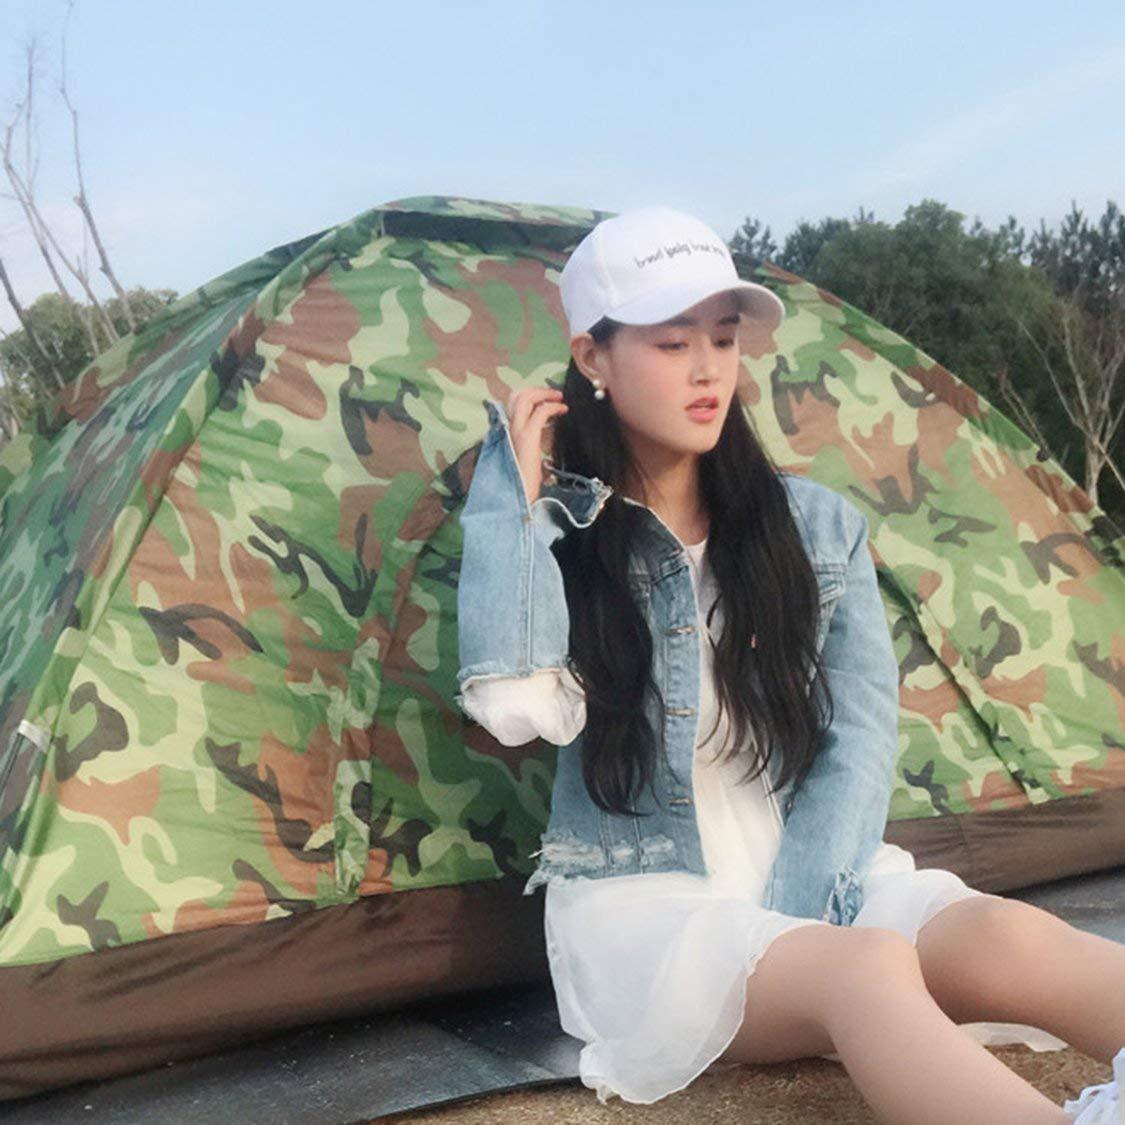 FancyswES8eety Carpa de Camuflaje Impermeable Ultra Liviana para Dos Personas de una Sola Capa con Puerta Redonda para Carpa de Turismo de Camping al Aire Libre